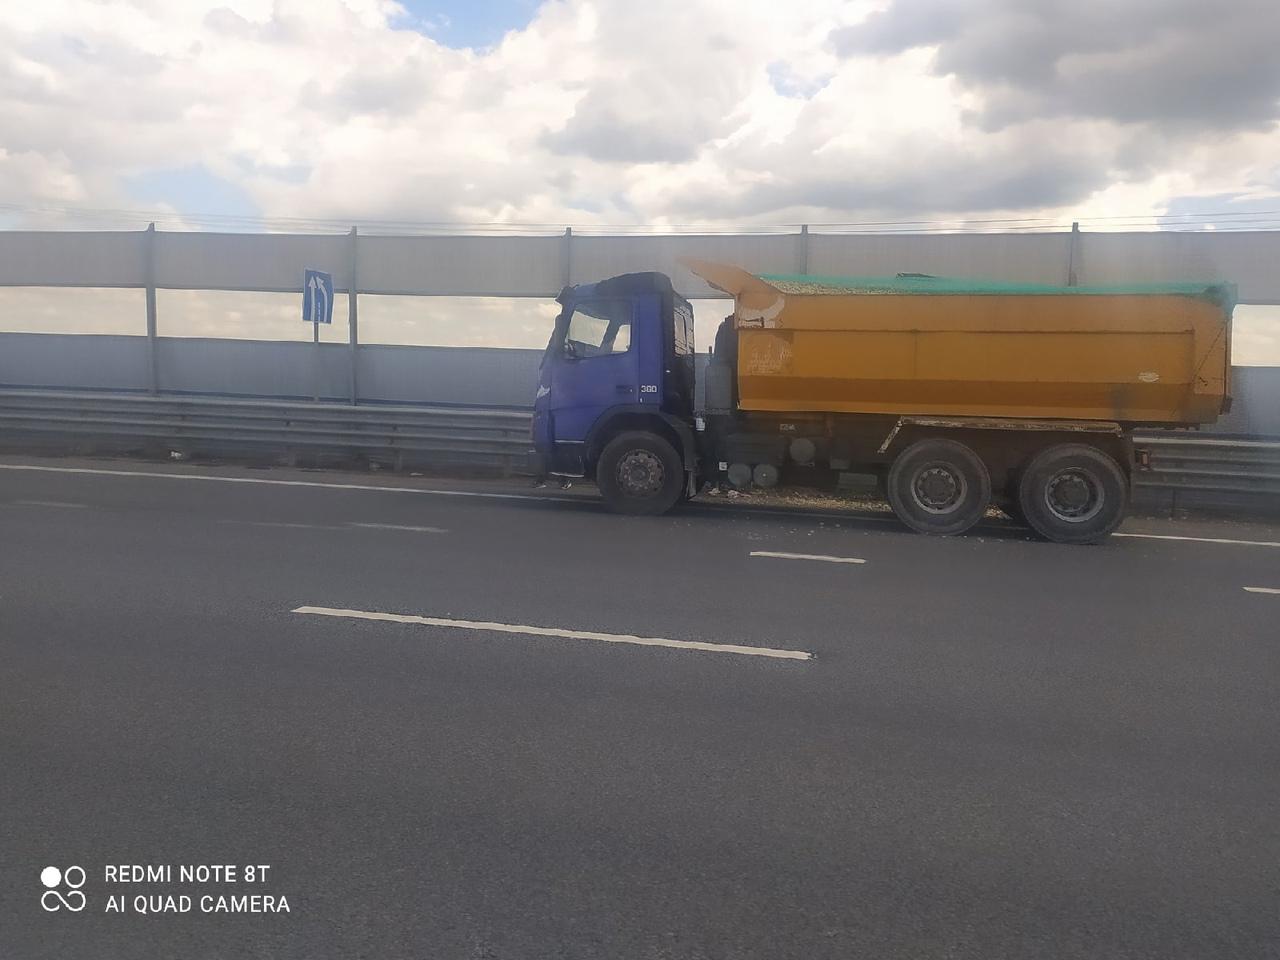 Самосвал протаранил фургон на Киевском шоссе, На полосе по направлению в СПб